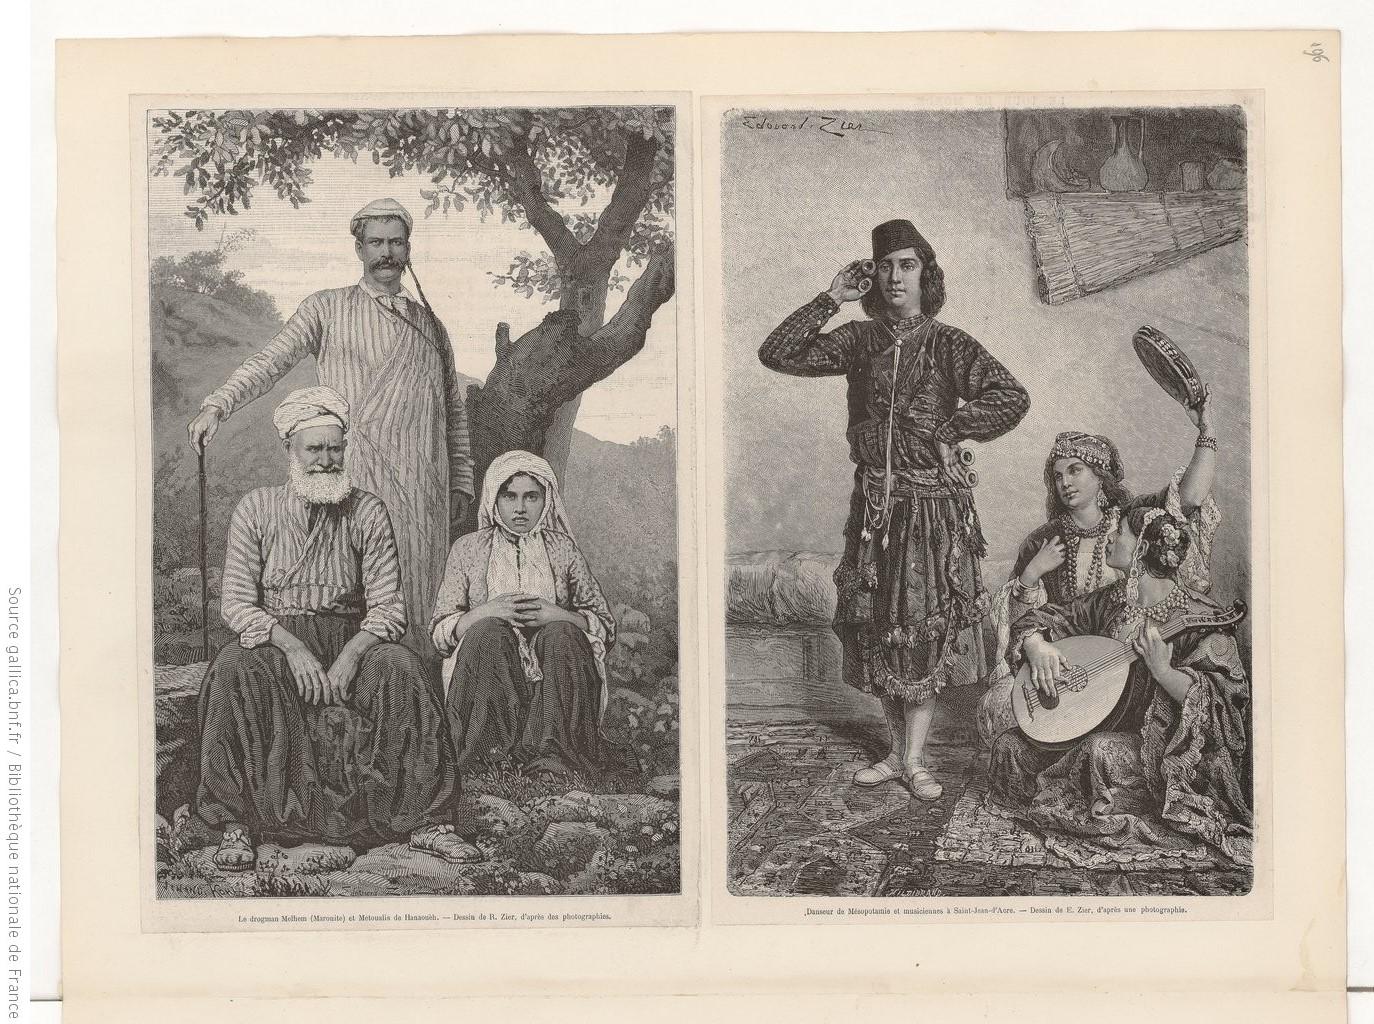 Le drogman Melhen (Maronite) et Métoualis de Hanaoueh ; danseur de Mésopotamie et musiciennes à Saint-Jean-d'Acre  E. Zier. 1850-1890